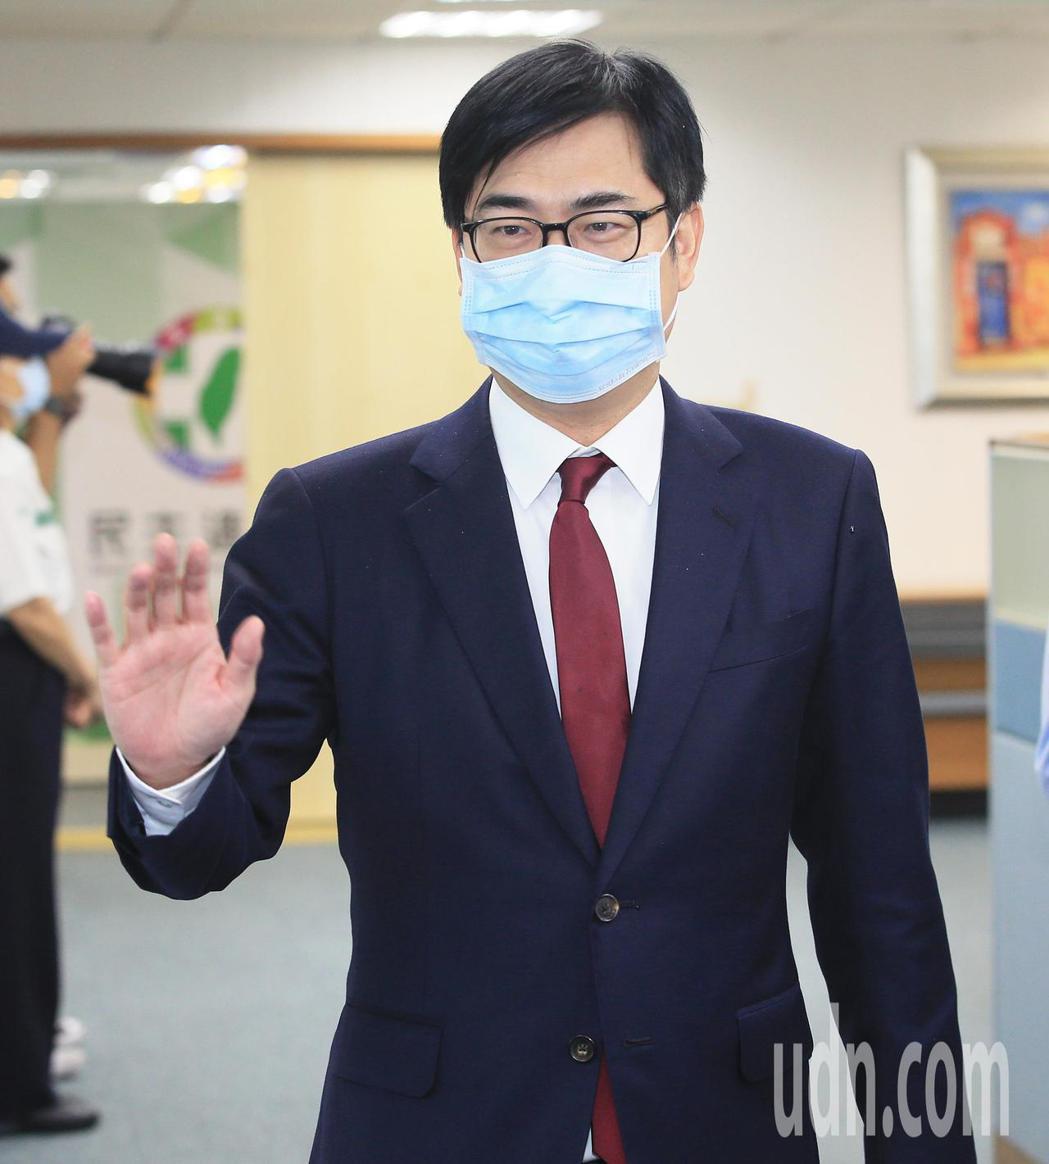 行政院副院長陳其邁今天表示,六月六日罷韓他會回高雄投票。記者潘俊宏/攝影